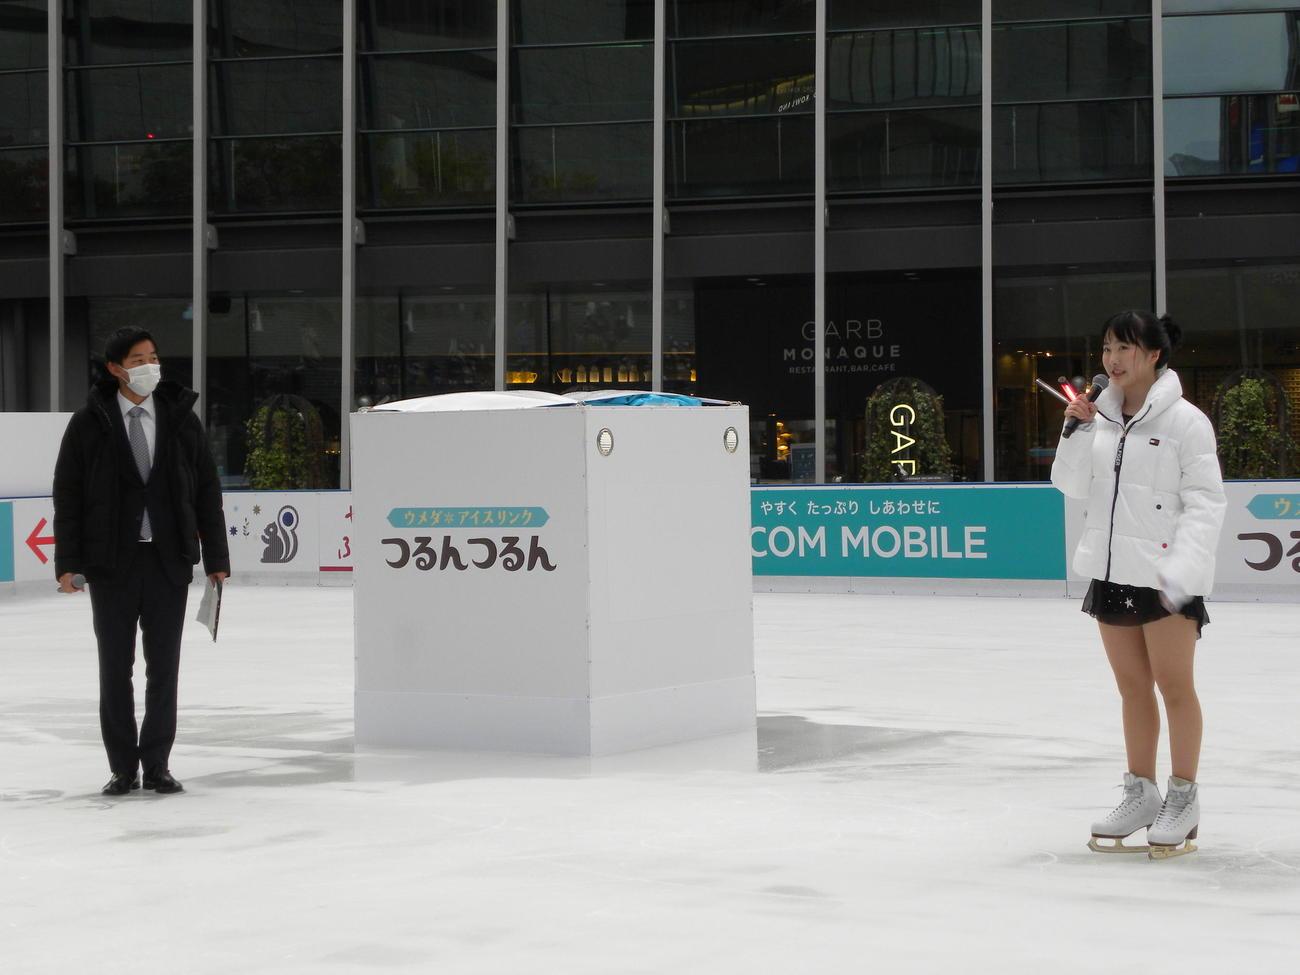 グランフロント大阪うめきた広場のアイスリンク「つるんつるん」で初滑りし、思いを語る本田望結(右)(撮影・松本航)